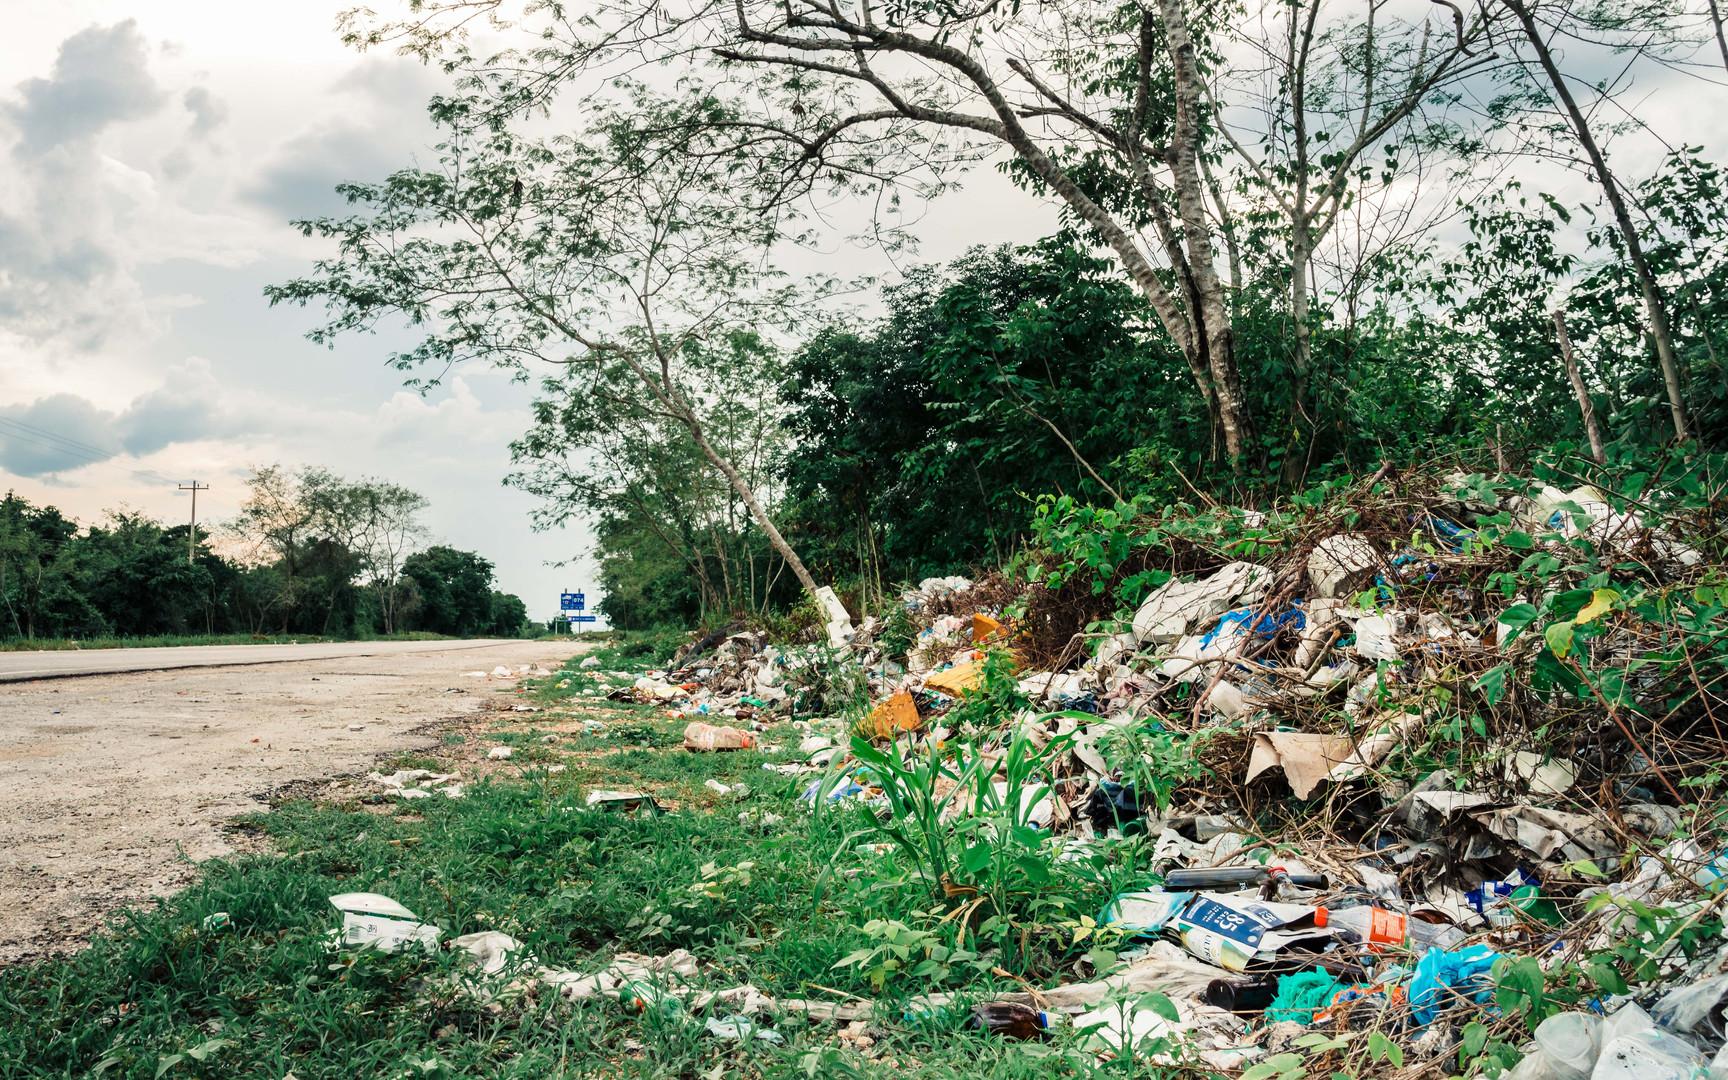 Trash - Mexico - Chichen Itza